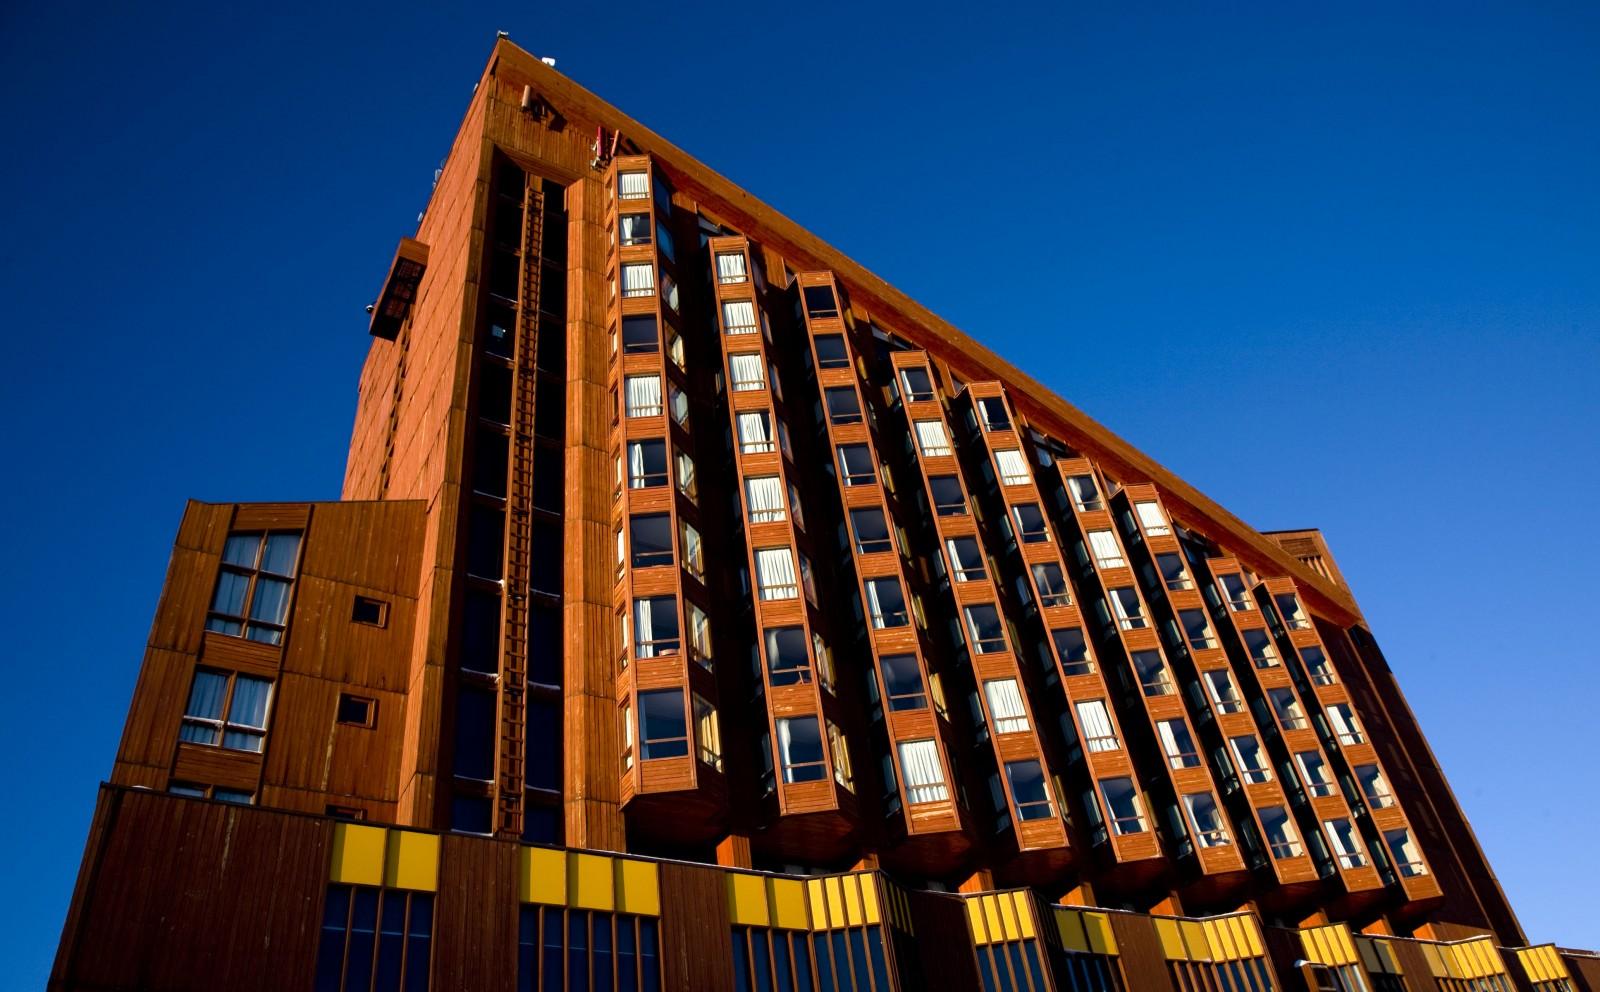 Fotos e imagens do hotel puerta del sol em for Hotel puerta de sol